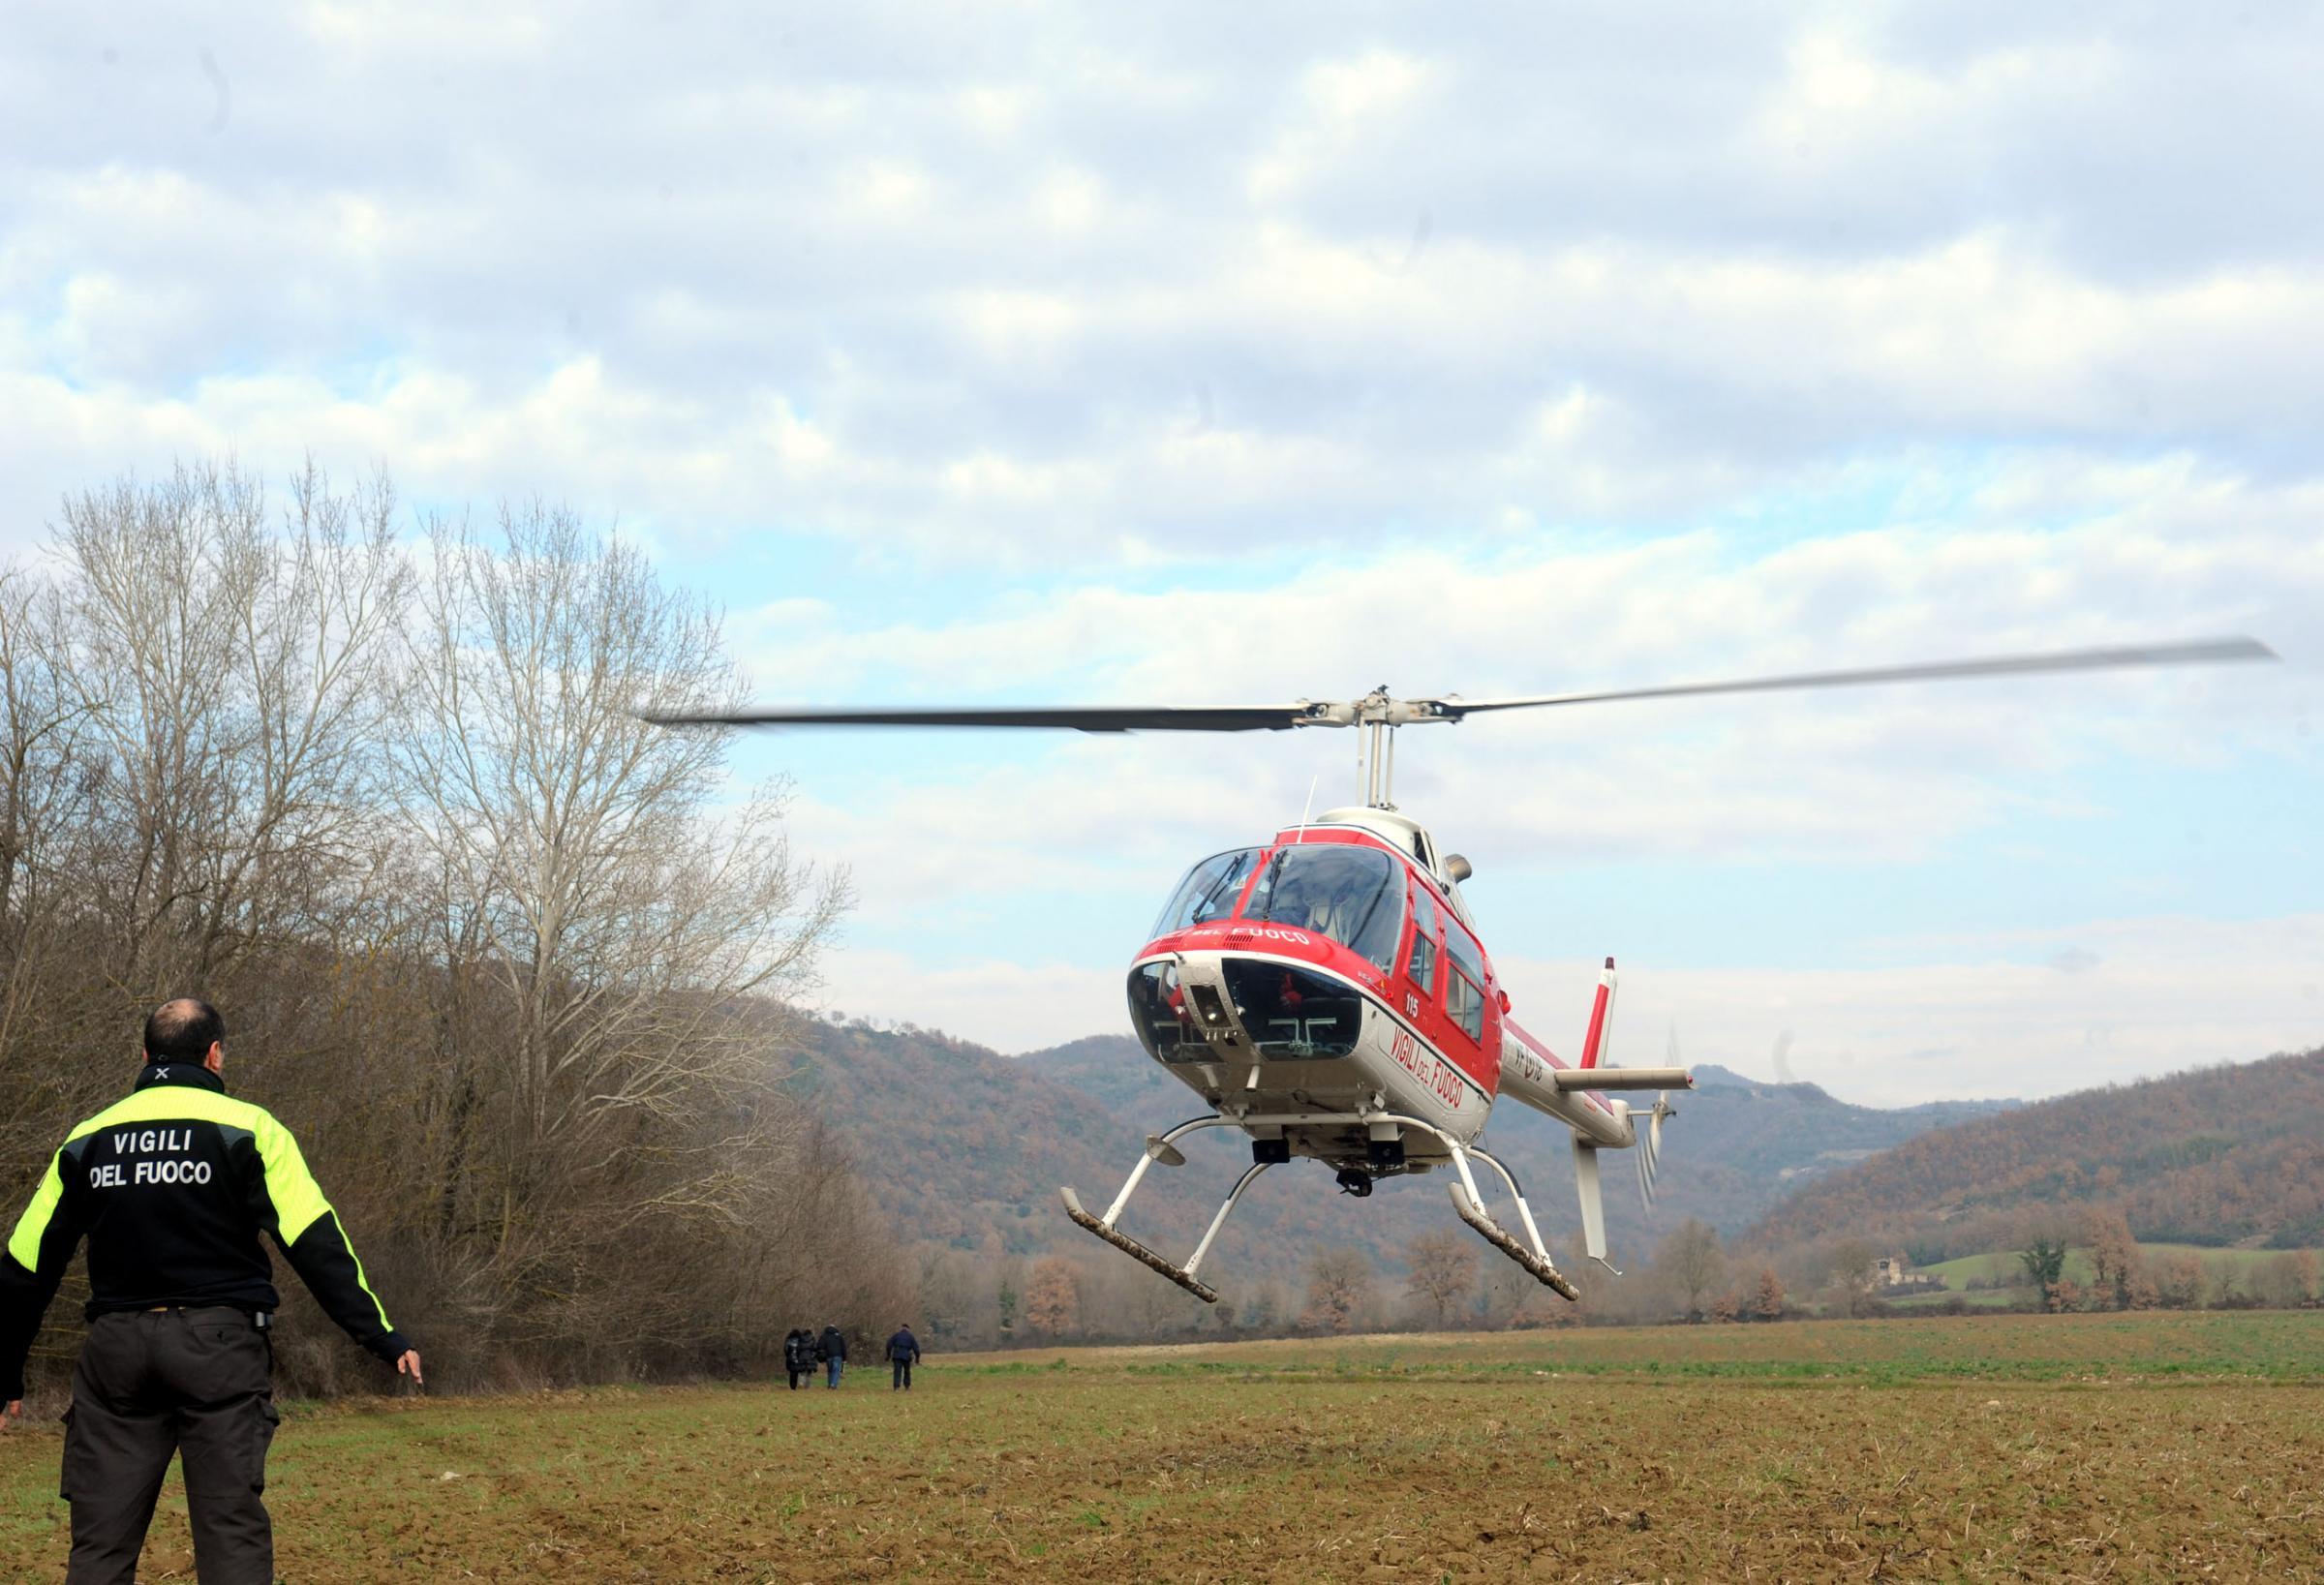 Elicottero Privato : Vercelli incidente alla festa dell aria cade elicottero